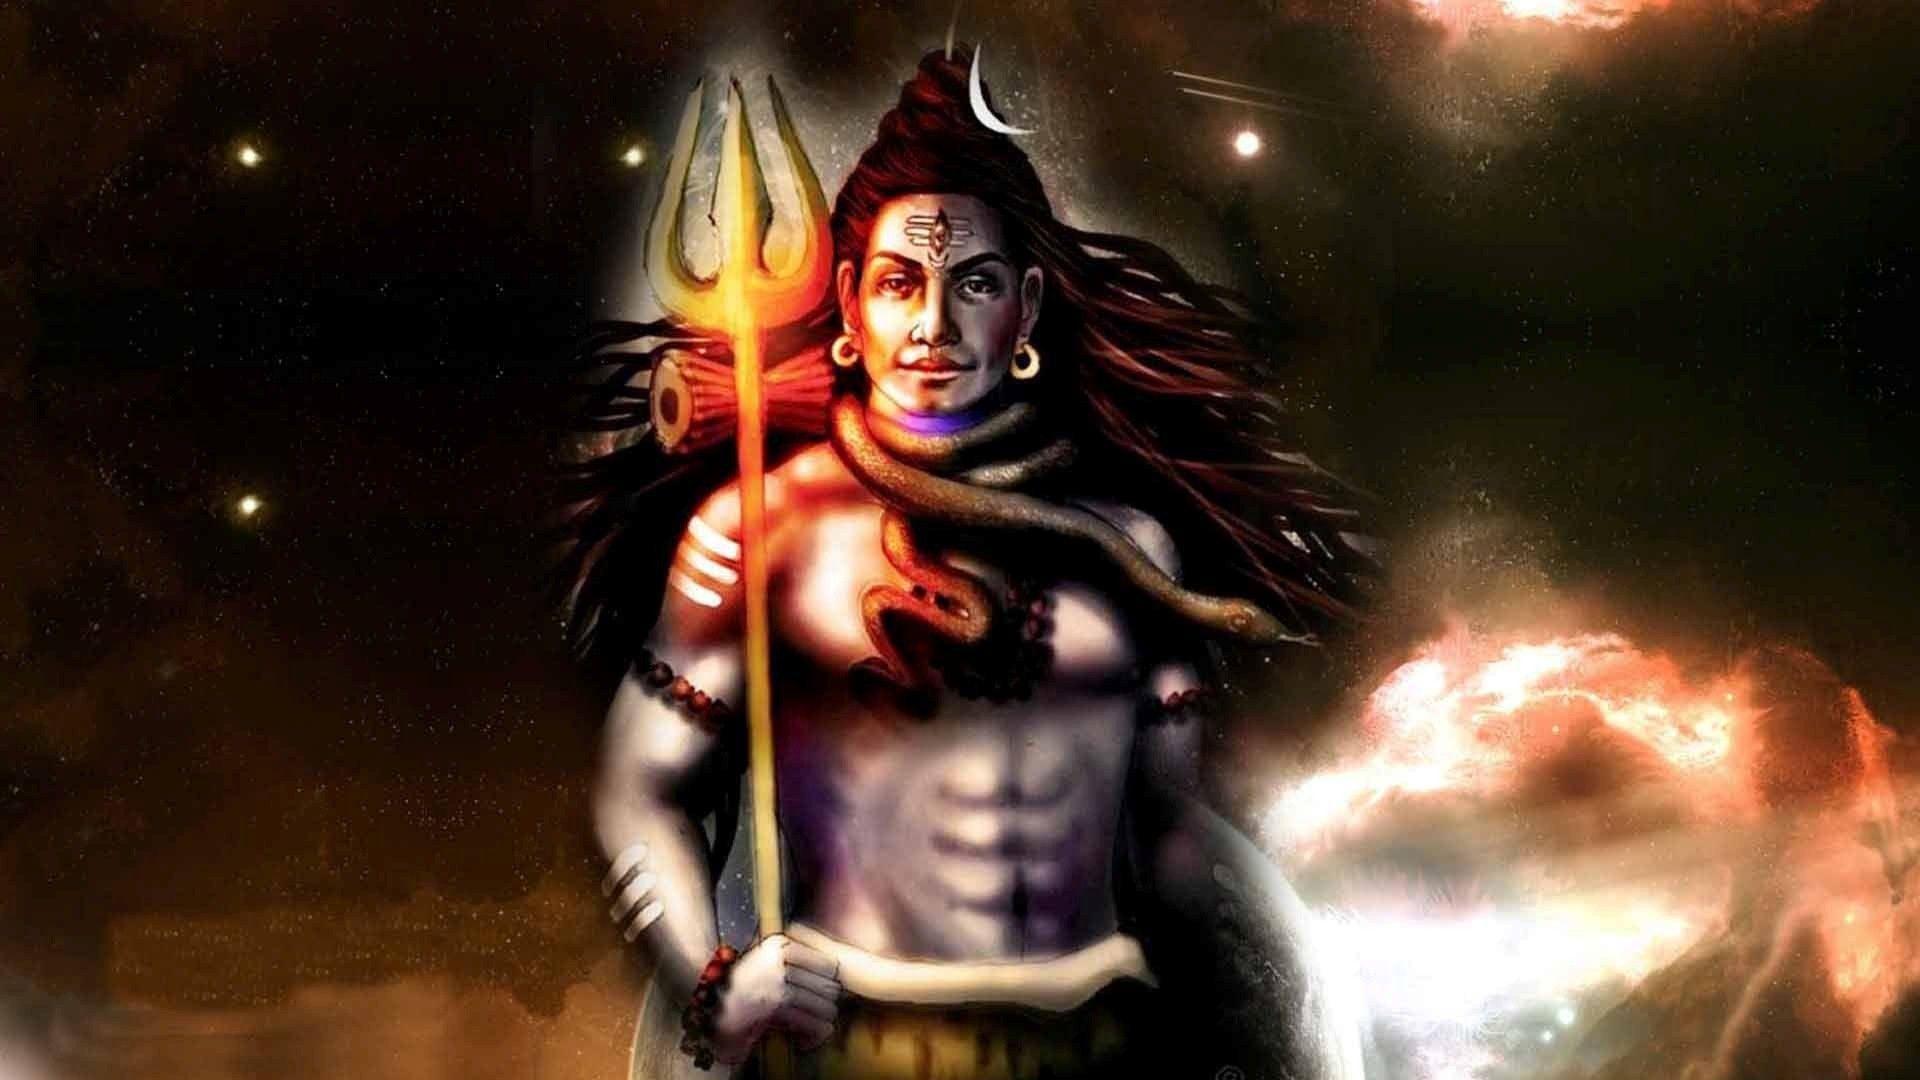 1920x1080 Chúa Shiva hình nền hình nền